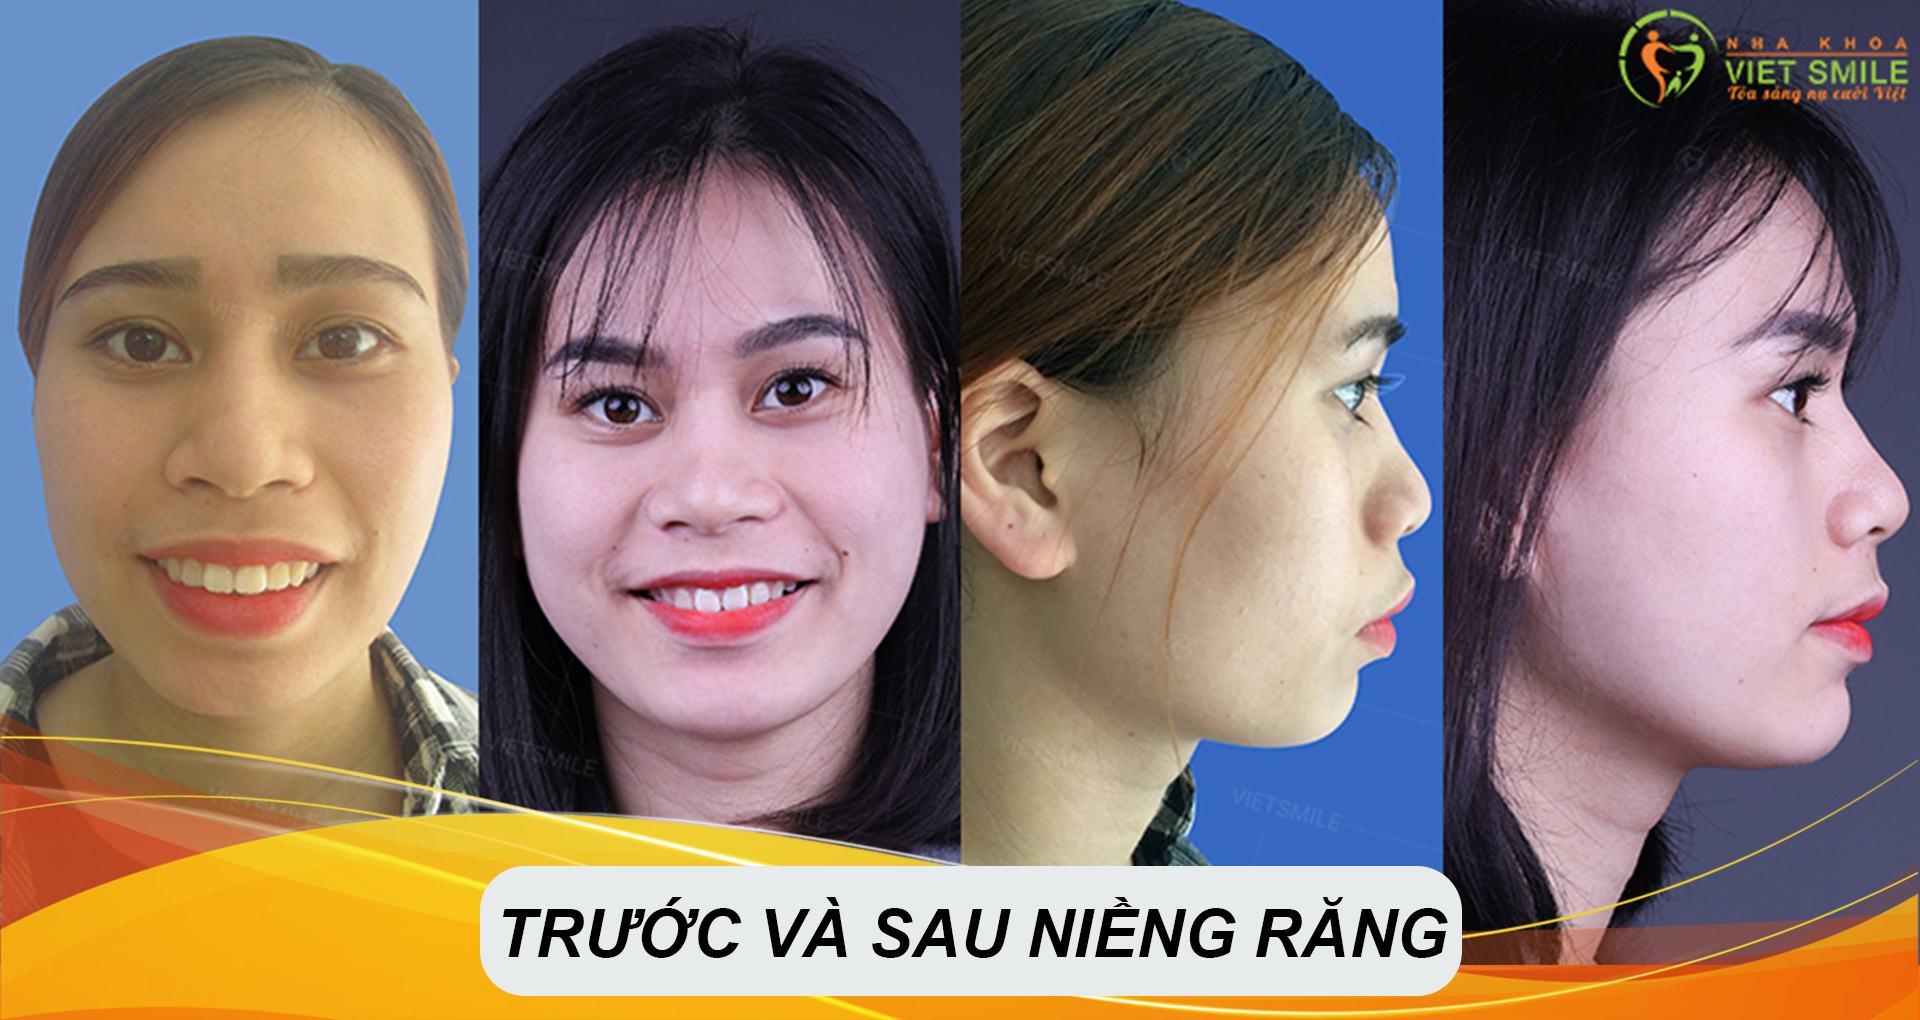 Nụ cười khách hàng sau khi niềng răng tại tại Nha khoa Việt Smile